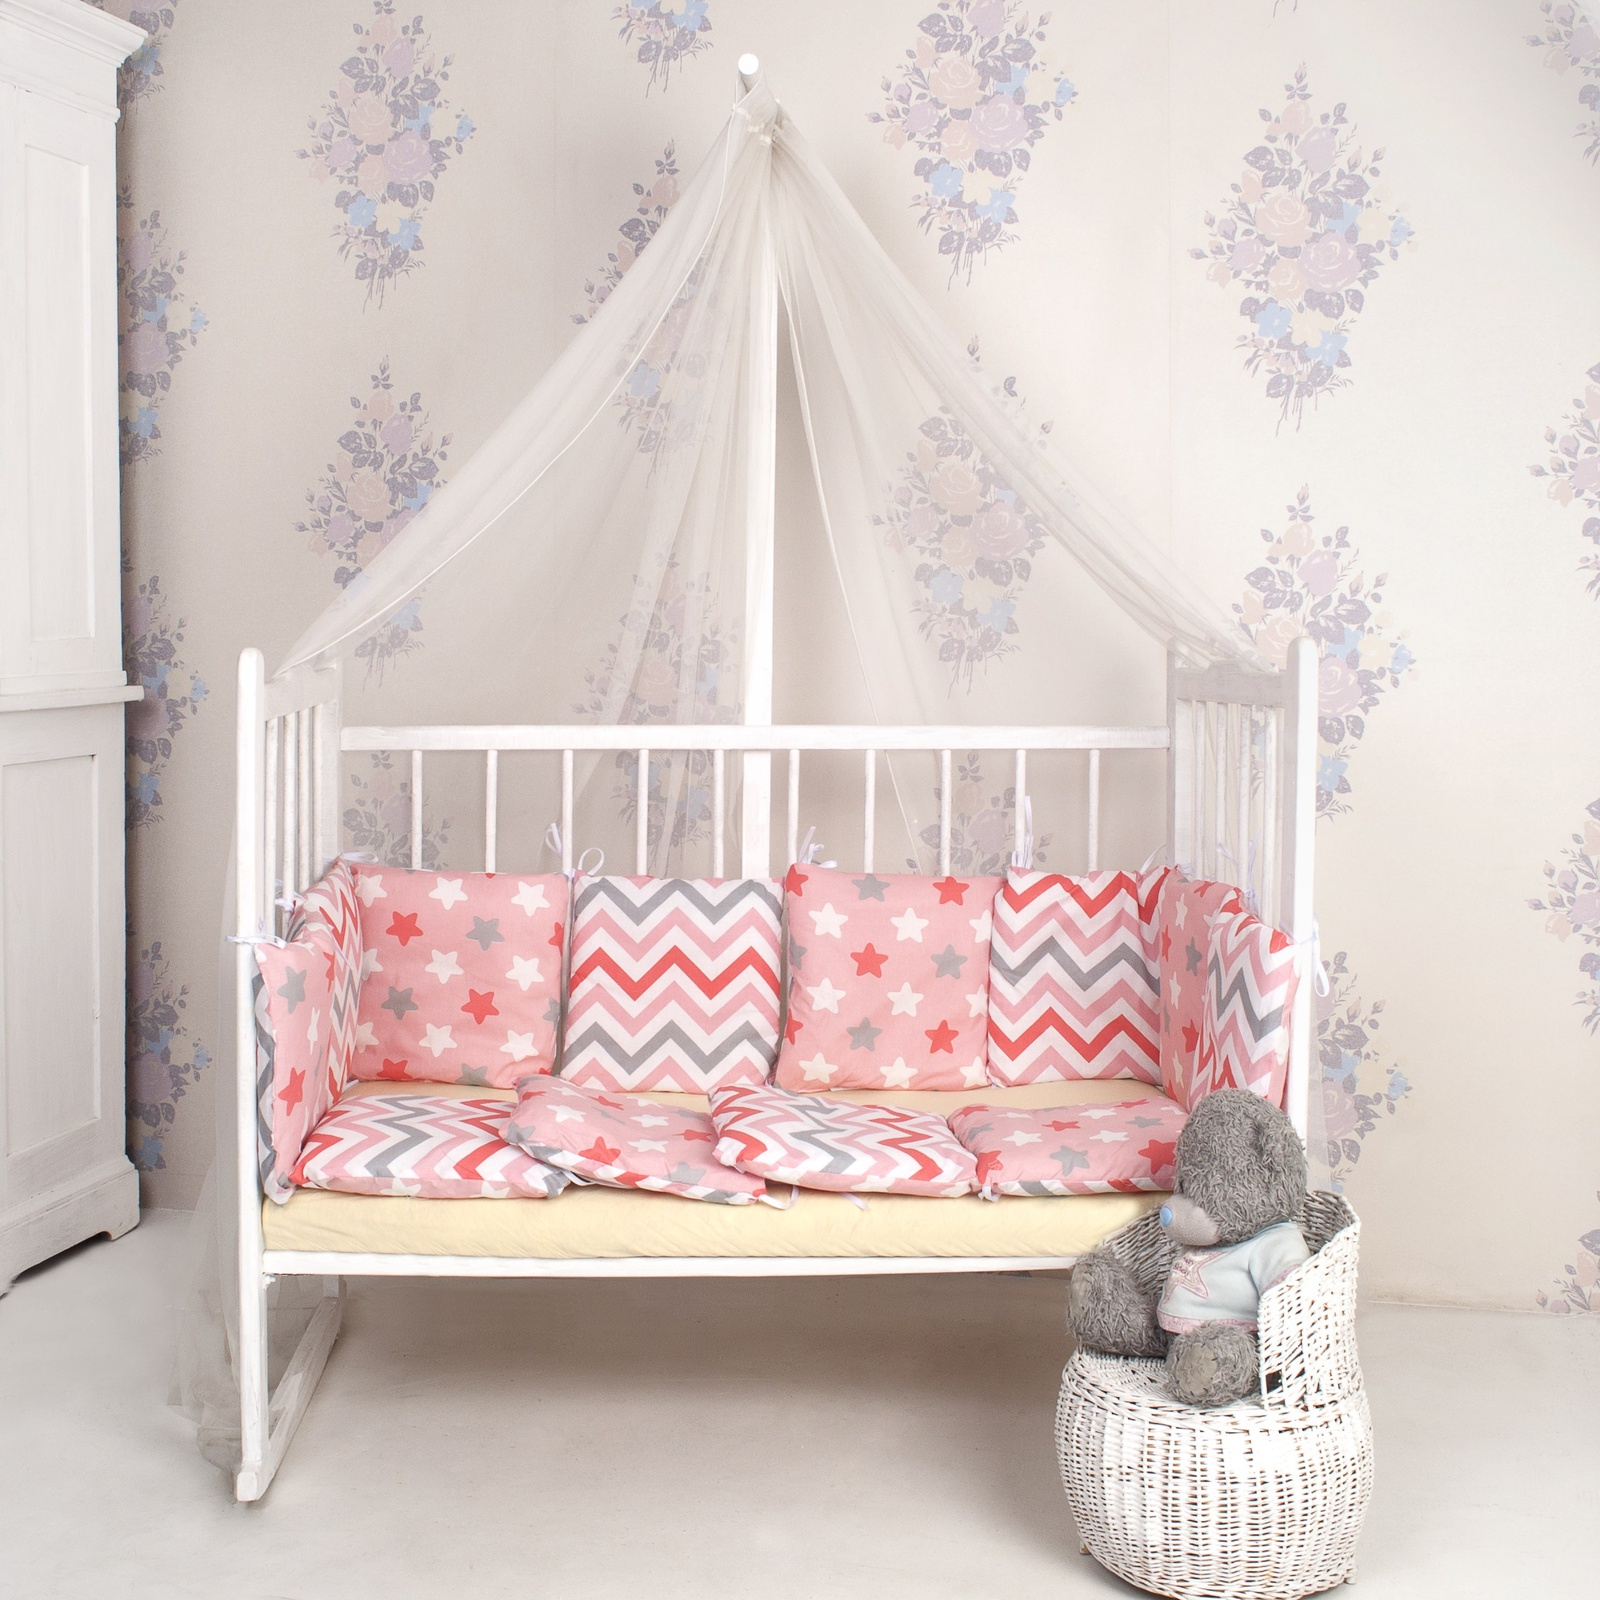 бортики в кроватку Комплект в кроватку ТК Традиция бортики в кроватку поплин, розовый, коралловый, белый, серый